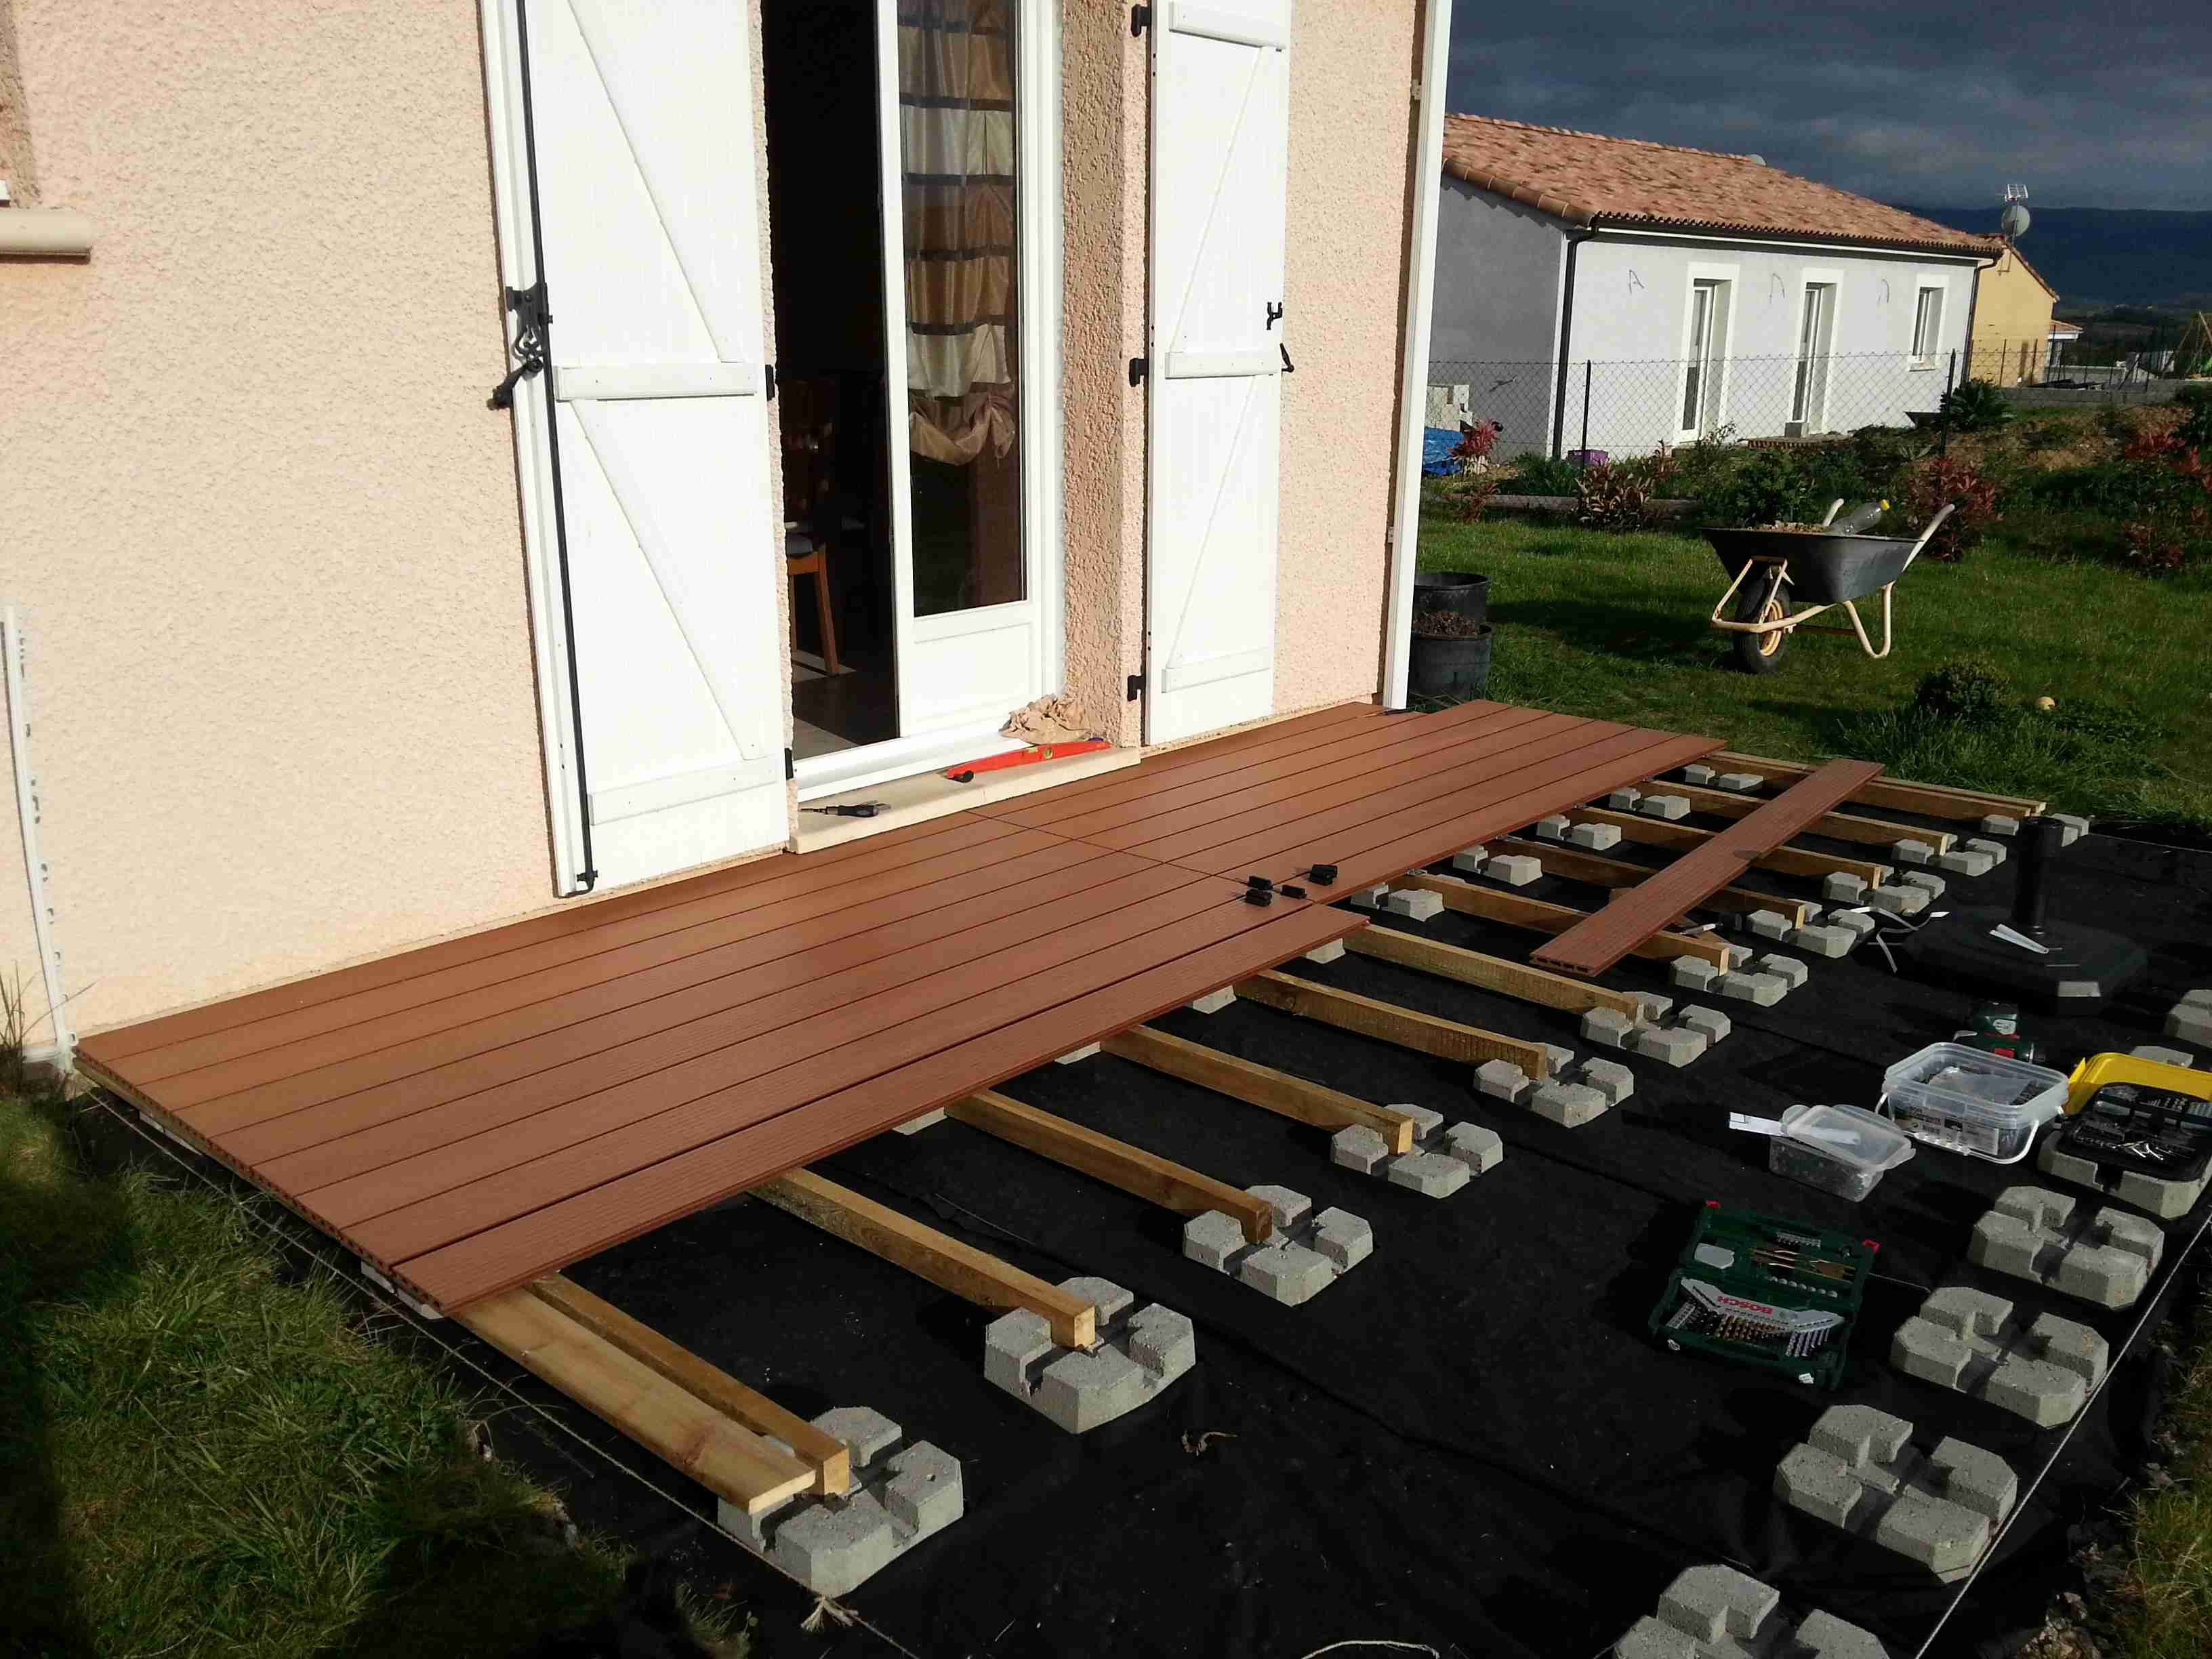 Terrasse bois prix m2 leroy merlin